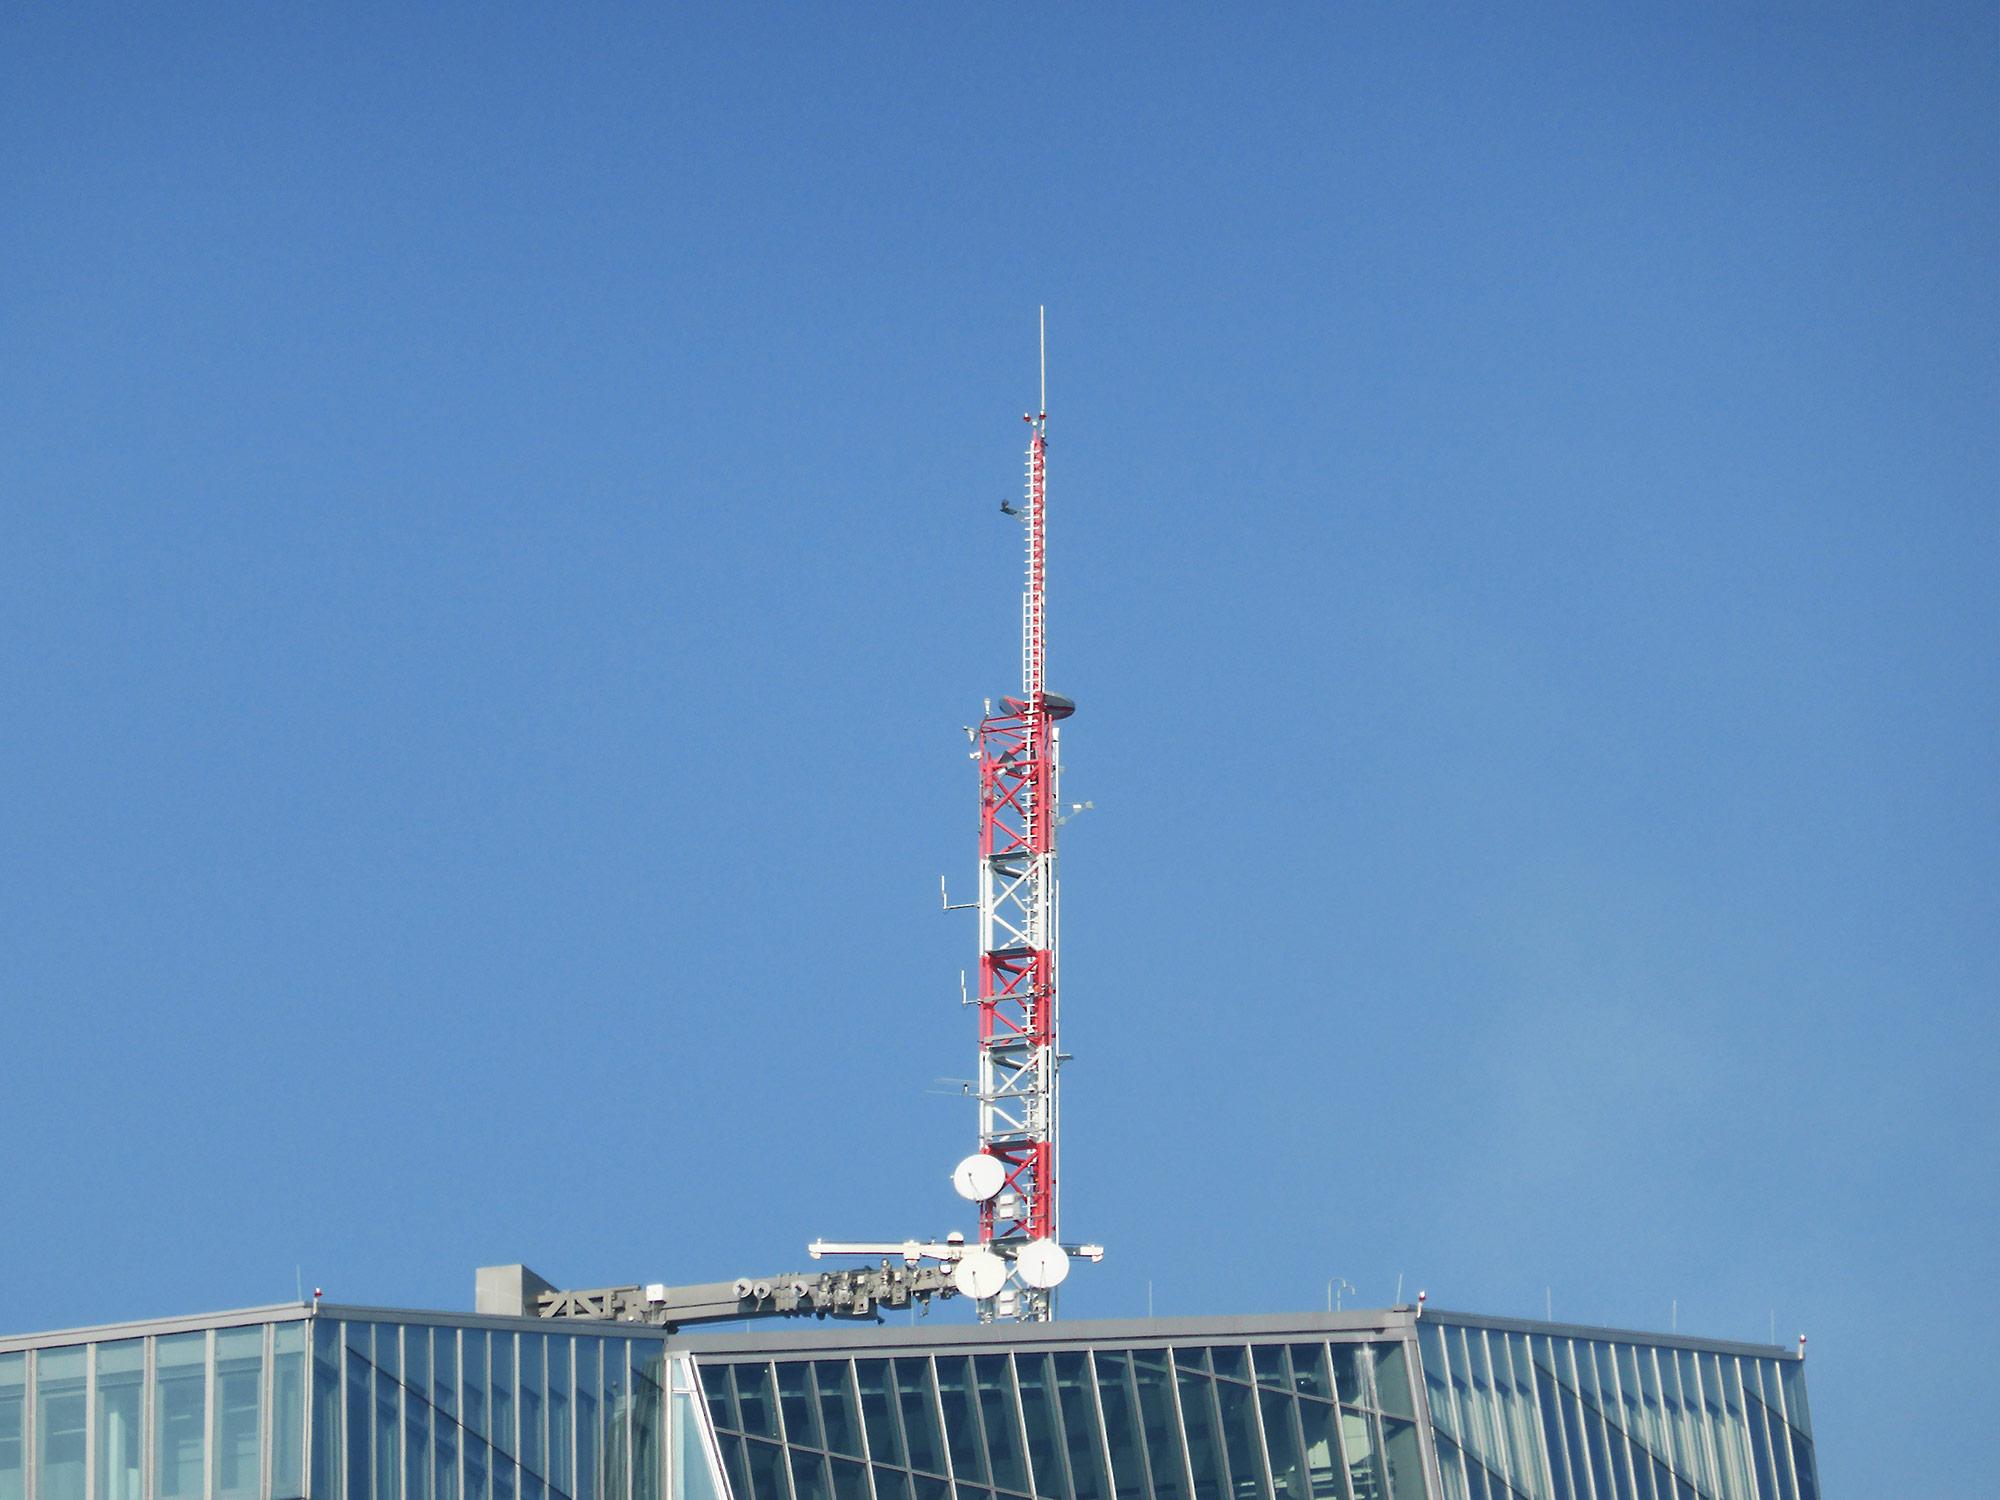 Antenne am Hochhaus der EZB in Frankfurt - Dach der EZB